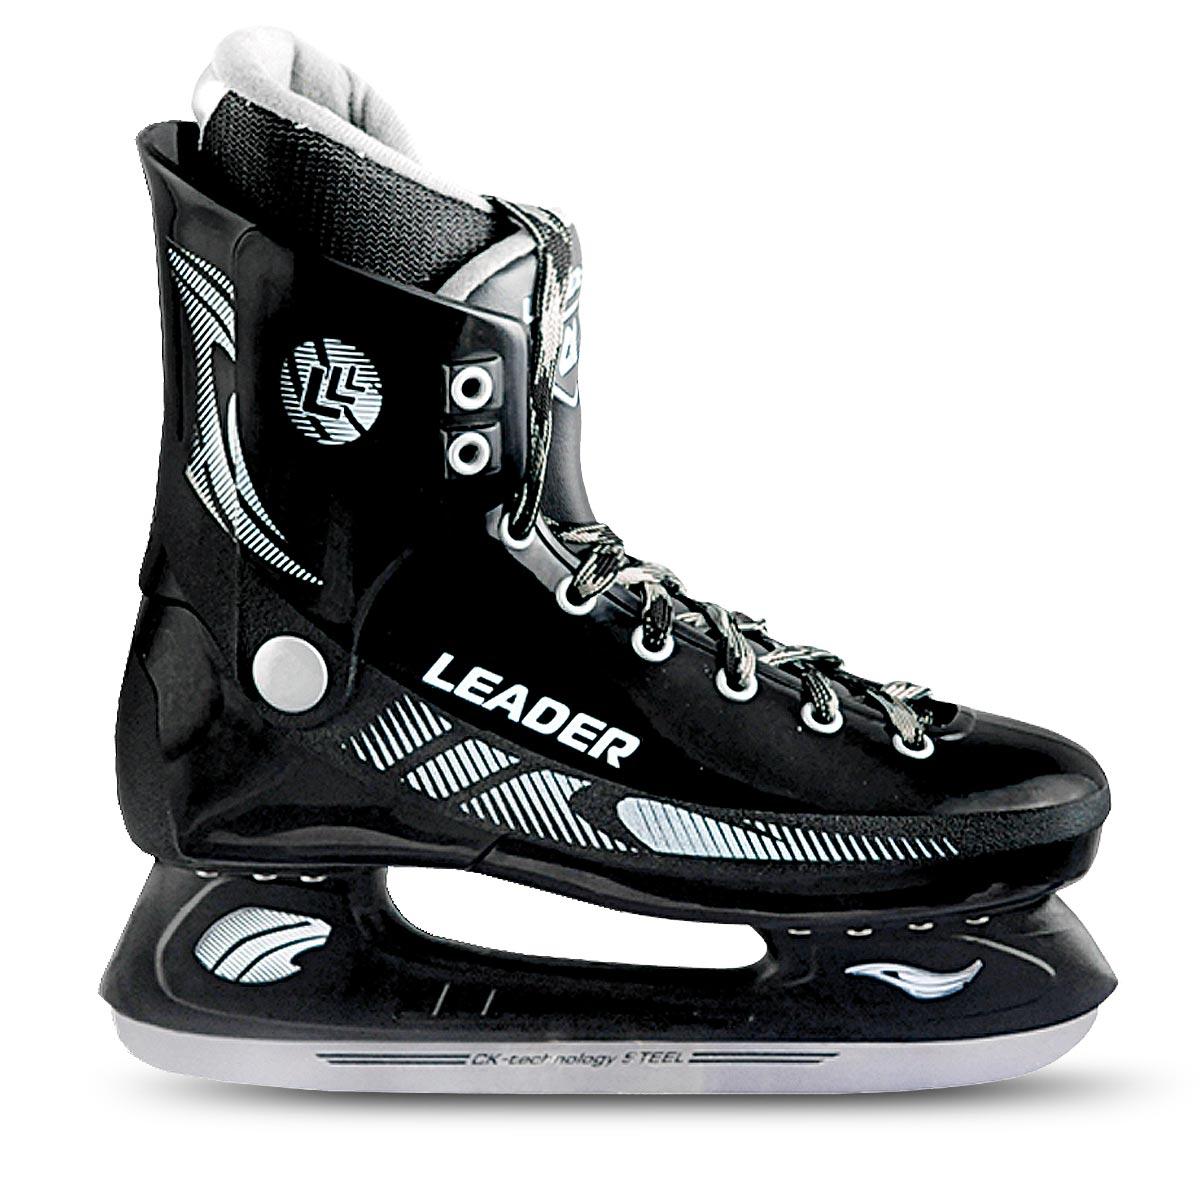 Коньки хоккейные для мальчика СК Leader, цвет: черный. Размер 36LEADER_черный_36Стильные коньки для мальчика от CK Leader с ударопрочной защитной конструкцией прекрасно подойдут для начинающих игроков в хоккей. Ботинки изготовлены из морозостойкого пластика, который защитит ноги от ударов. Верх изделия оформлен шнуровкой, которая надежно фиксируют голеностоп. Внутренний сапожок, выполненный из комбинации капровелюра и искусственной кожи, обеспечит тепло и комфорт во время катания. Подкладка и стелька исполнены из текстиля. Голеностоп имеет удобный суппорт. Усиленная двухстаканная рама с одной из боковых сторон коньки декорирована принтом, а на язычке - тиснением в виде логотипа бренда.Подошва - из твердого ПВХ. Фигурное лезвие изготовлено из легированной стали со специальным покрытием, придающим дополнительную прочность. Стильные коньки придутся по душе вашему ребенку.